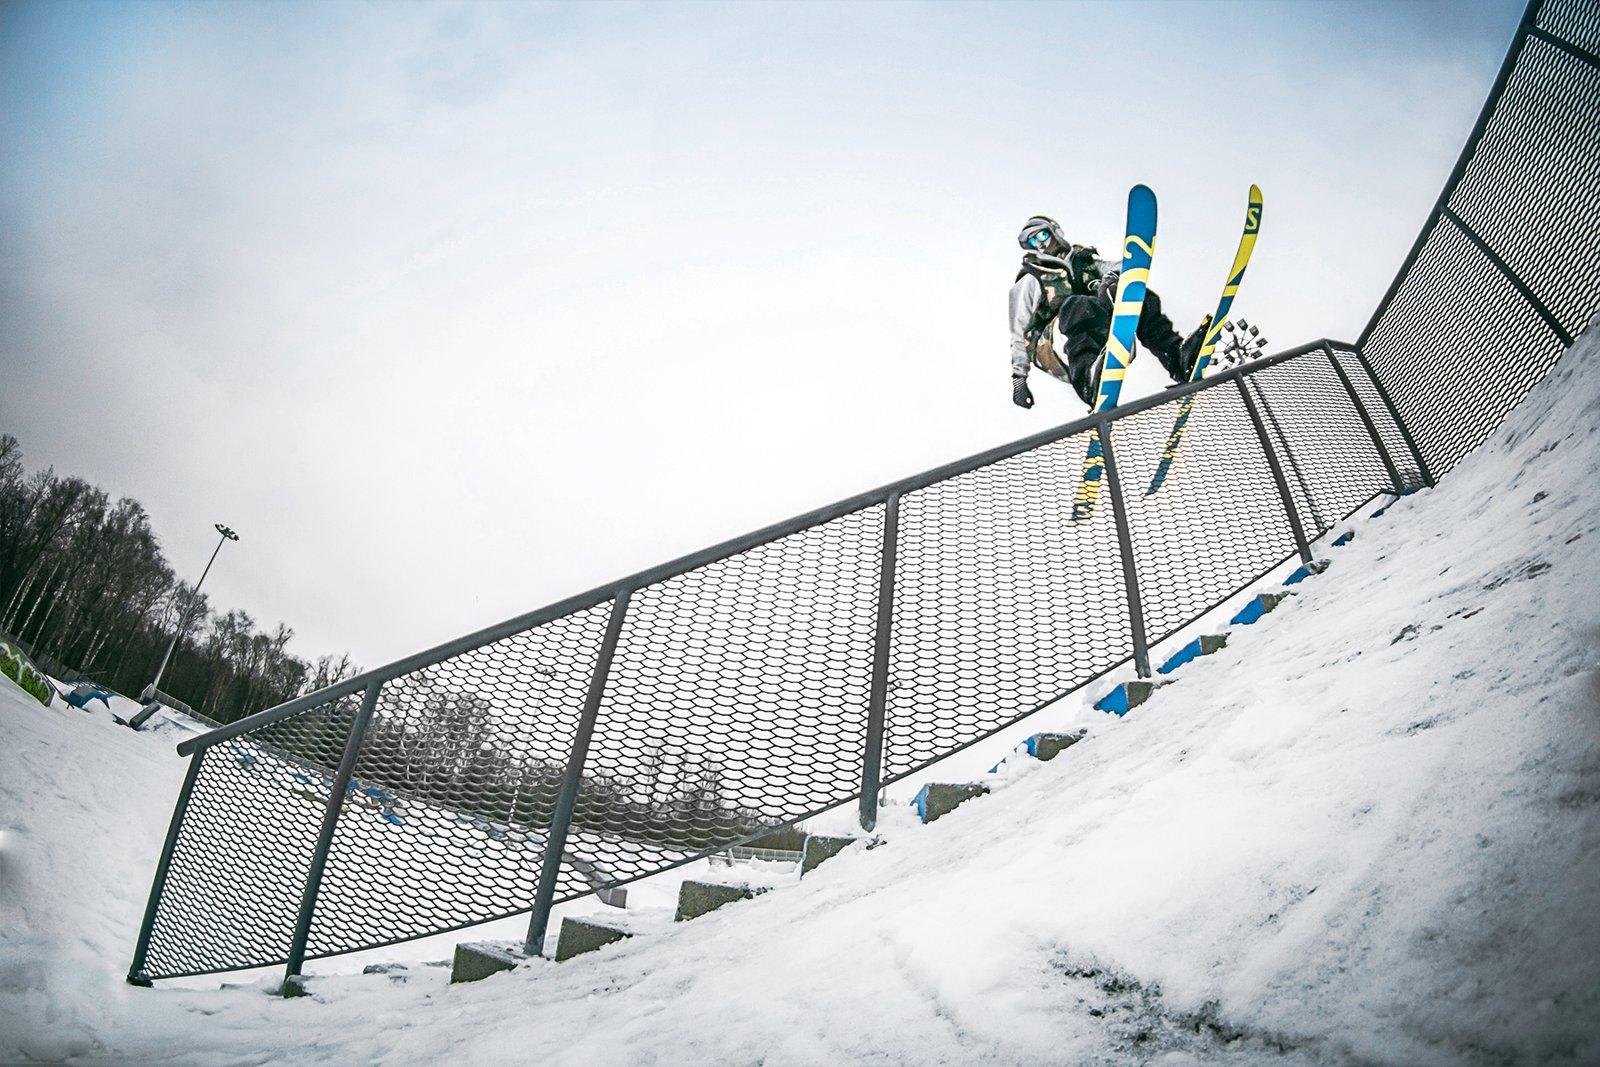 Skatepark skiing